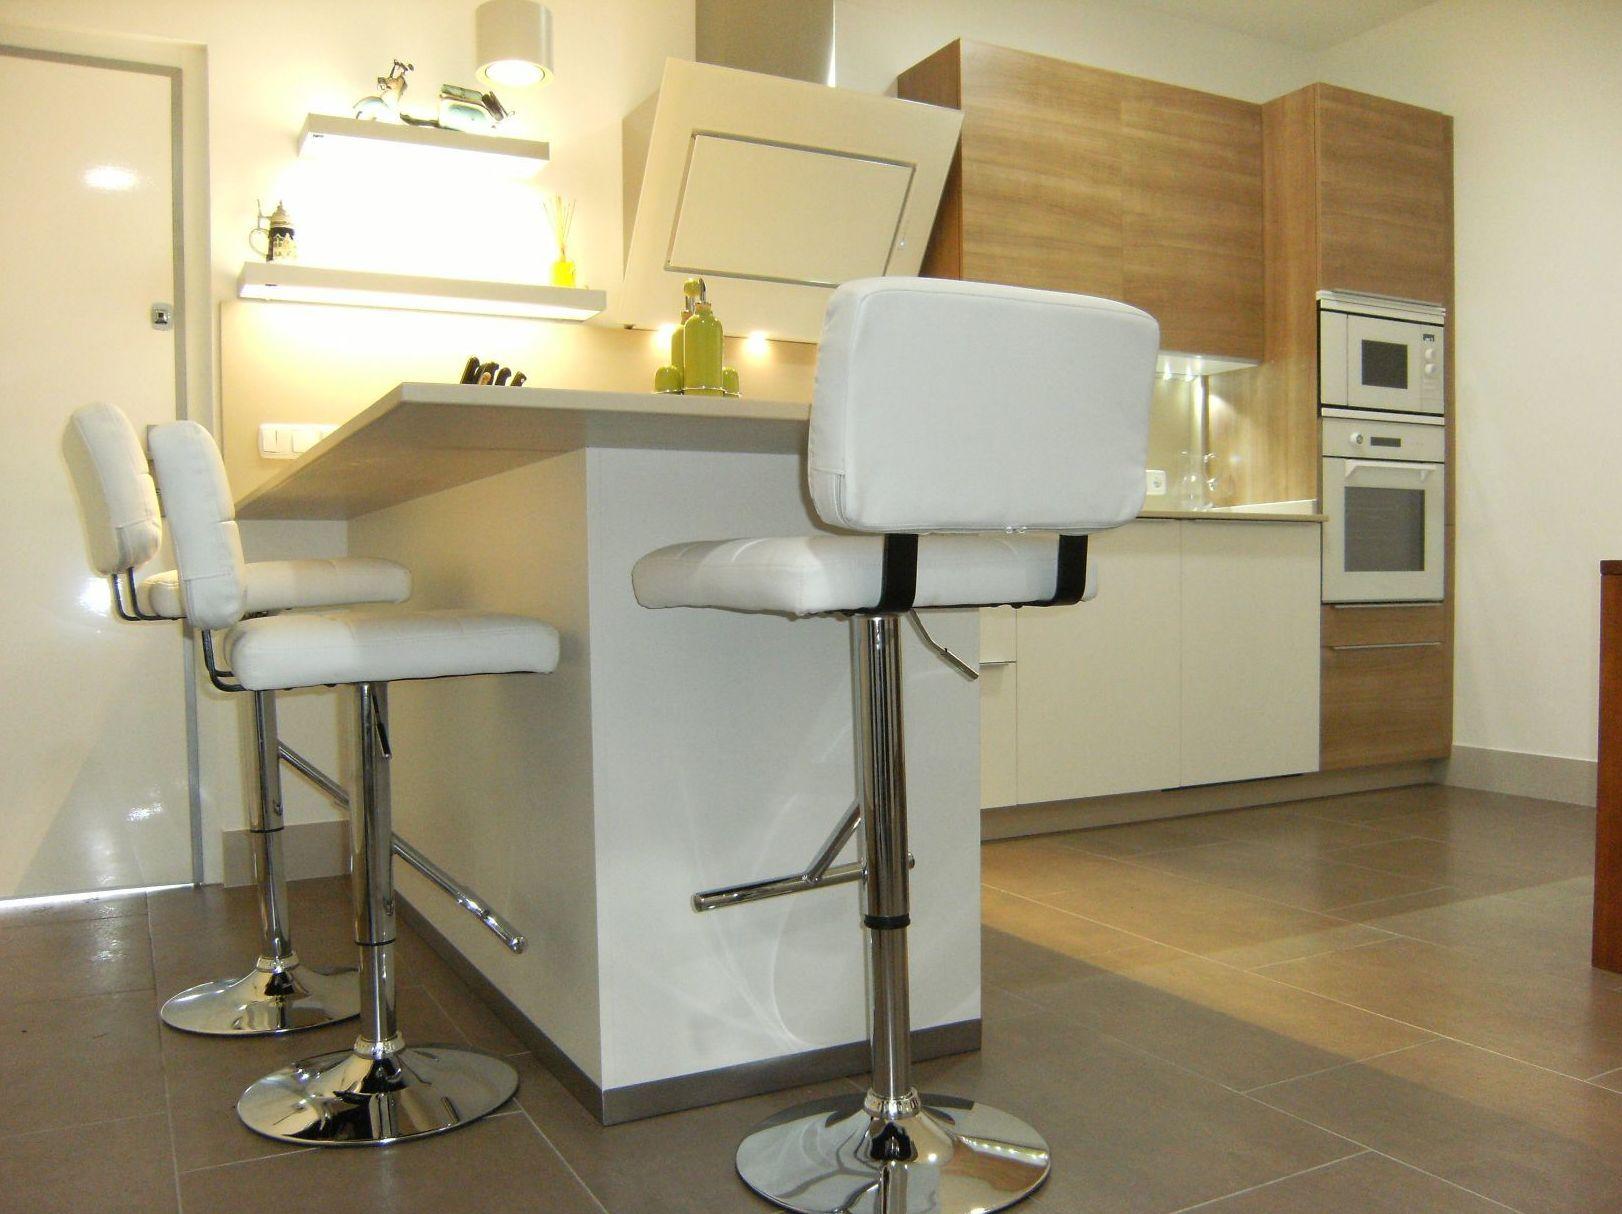 Foto 11 de Muebles de baño y cocina en Arganda | Cocin Nova, S.L.